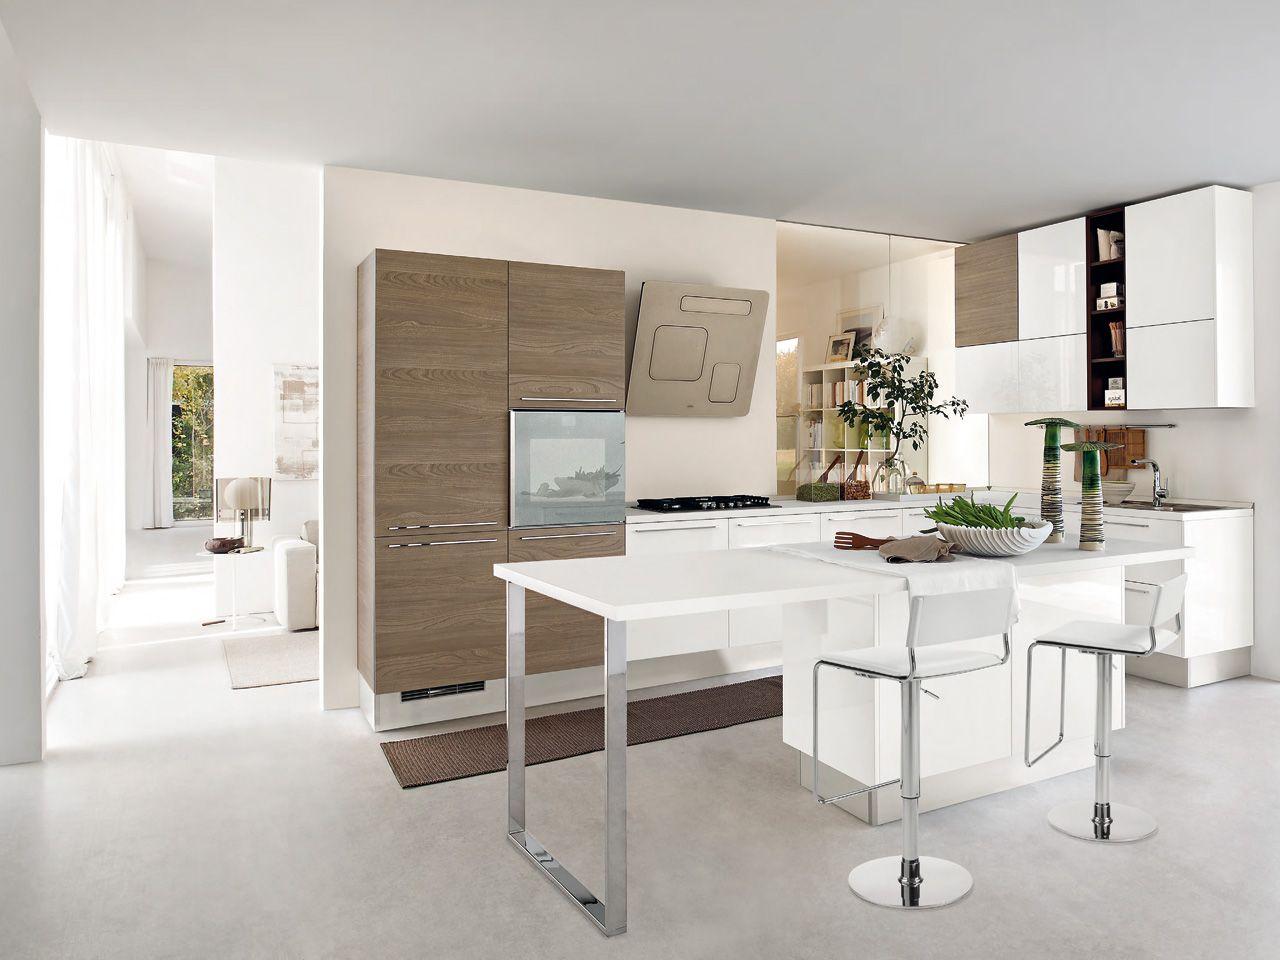 Cucine Moderne Per Piccoli Spazi | madgeweb.com idee di interior ...